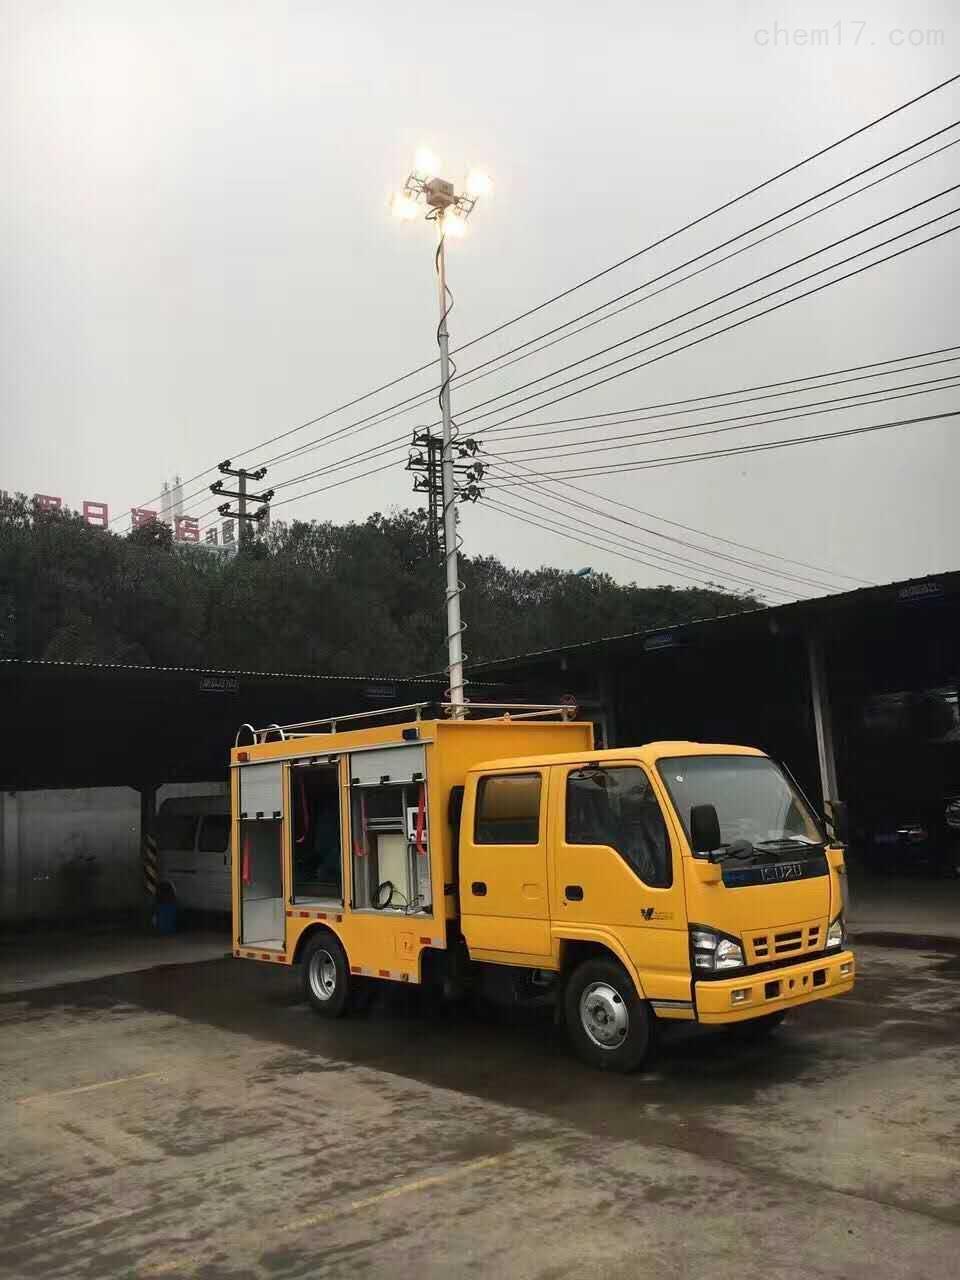 上海河圣 升降式照明灯 车载移动照明灯 灯具配件